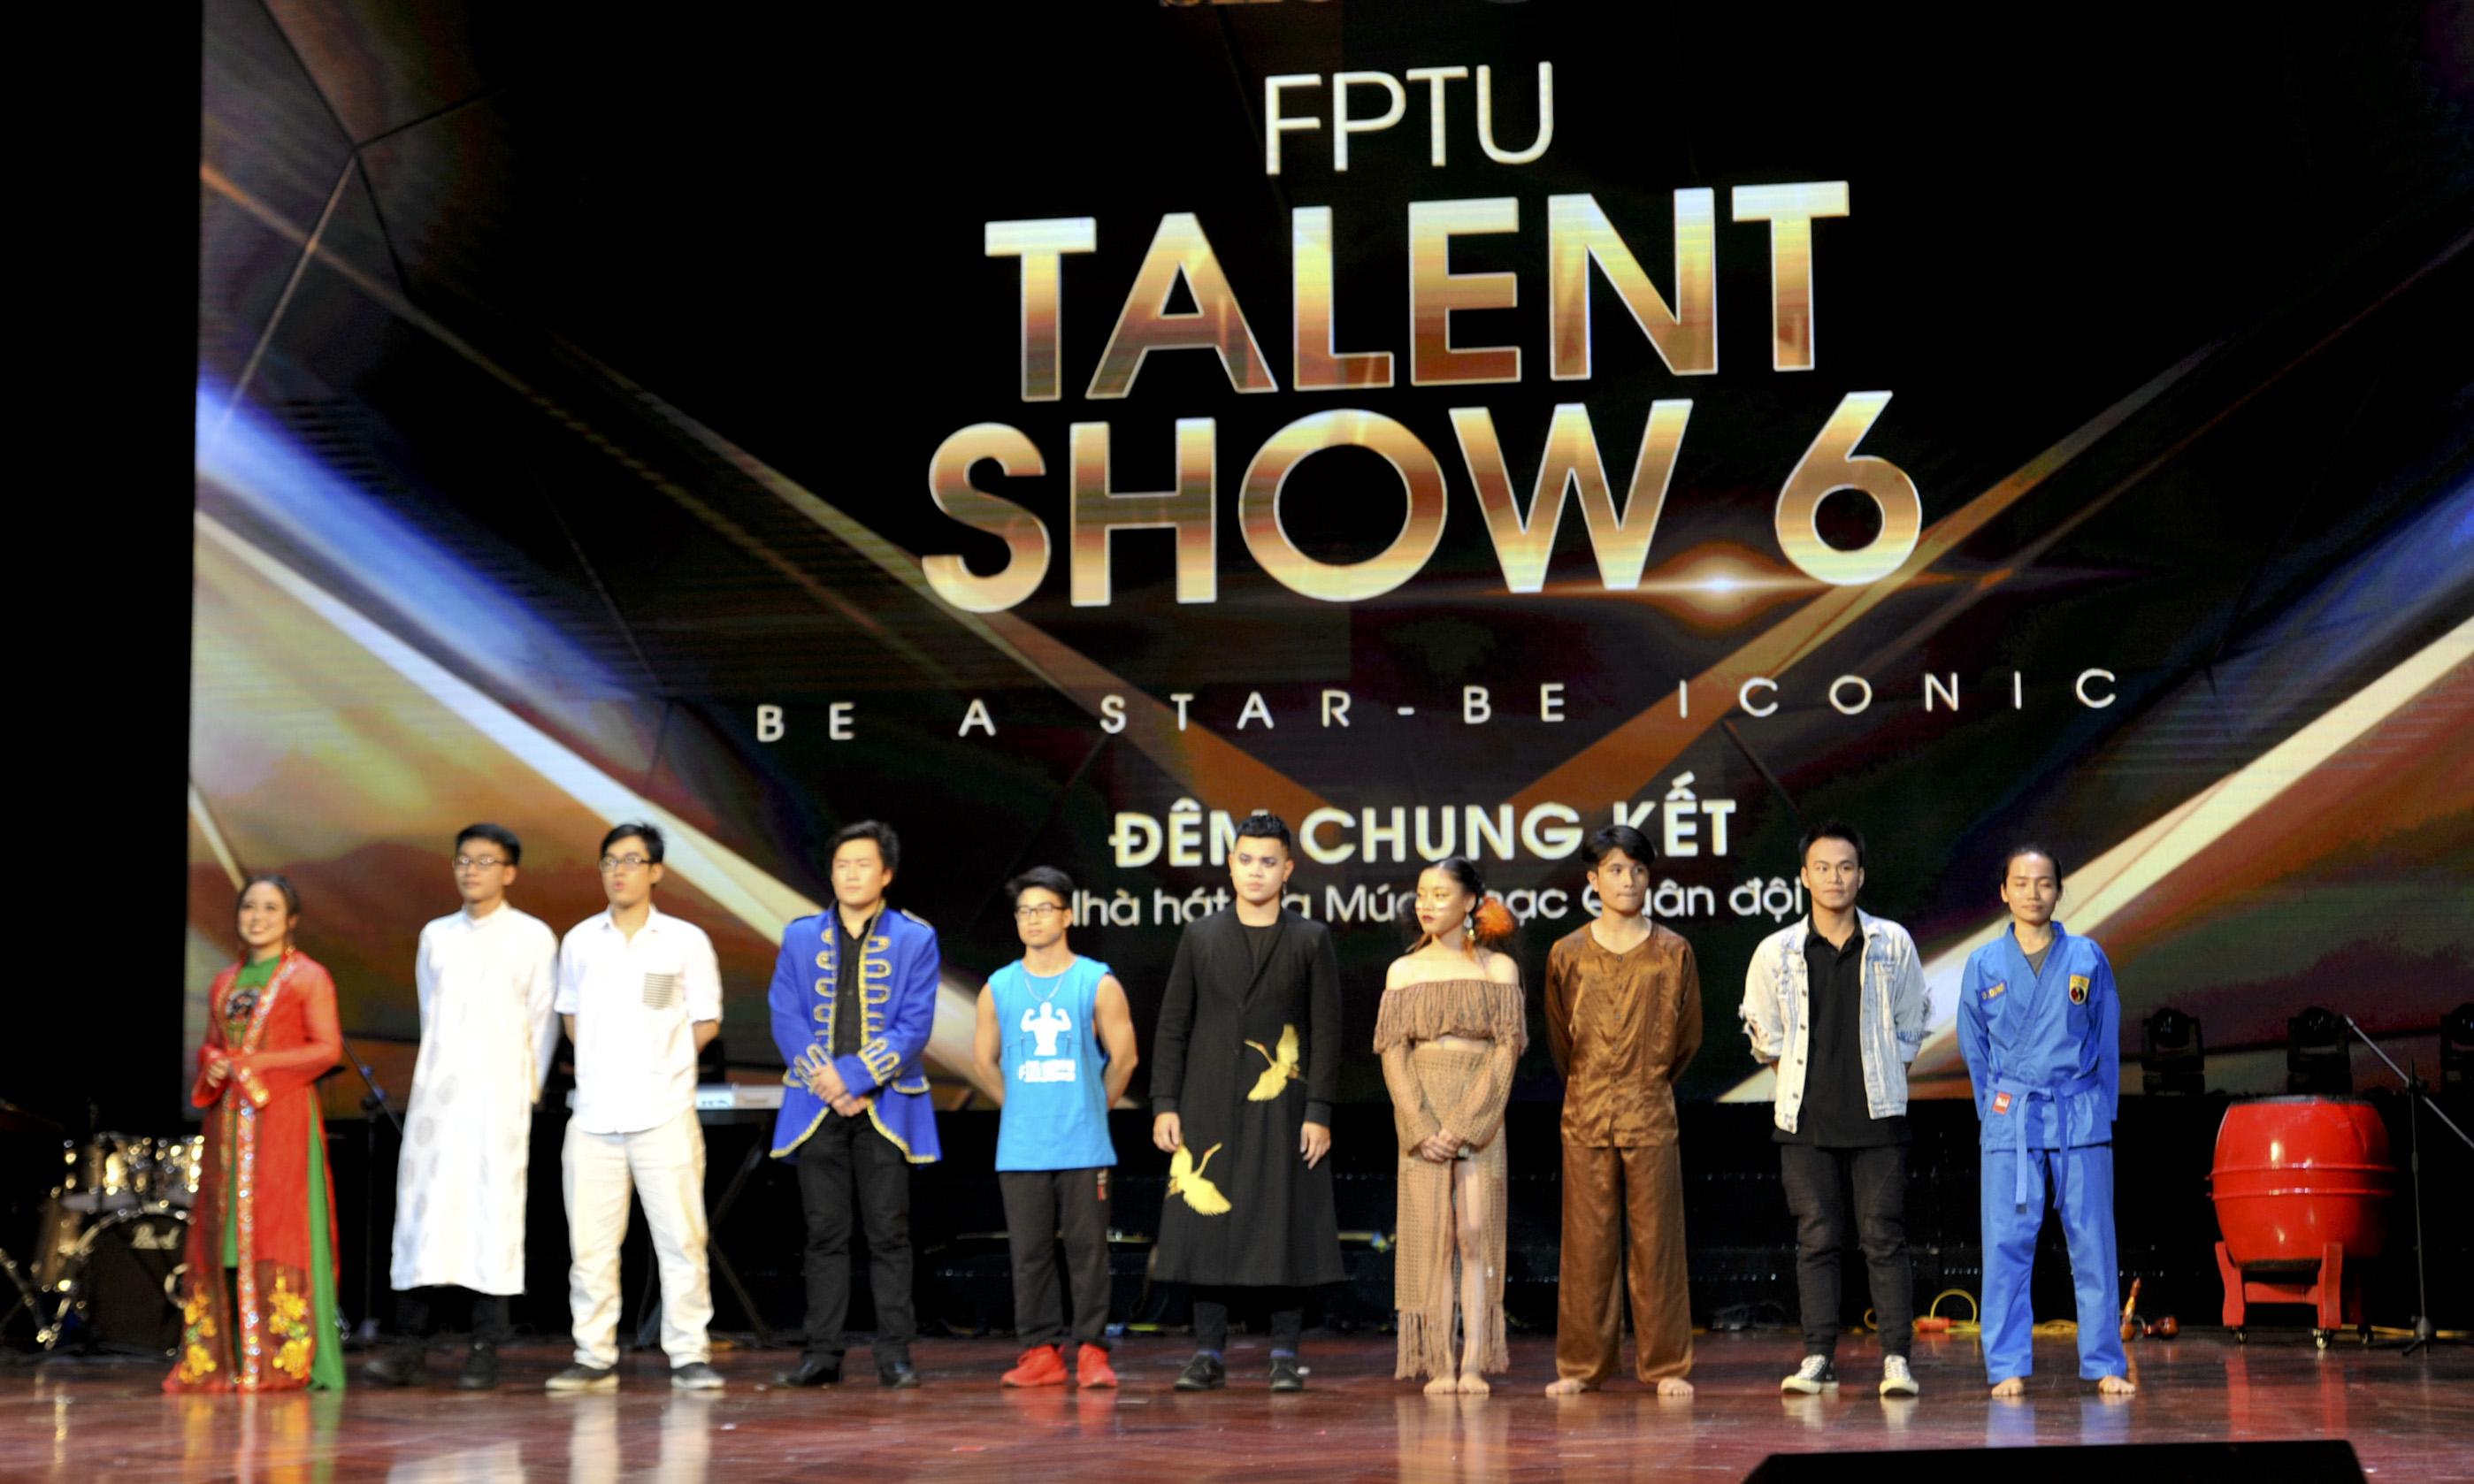 Ngày 2/11, đêm chung kết cuộc thi FPTU Talent Show 6 (FTS6) đã diễn ra tại nhà hát Quân đội, Hà Nội với sự góp mặt của 10 nhóm thí sinh đến từ các đơn vị thuộc Tổ chức Giáo dục FPT như ĐH FPT, FPT Polytechnic... Ba vị giám khảo khách mời ngồi ghế nóng FTS6 là diễn viên Lan Phương, nghệ sĩ Hà Lê, vũ công Đức Việt.